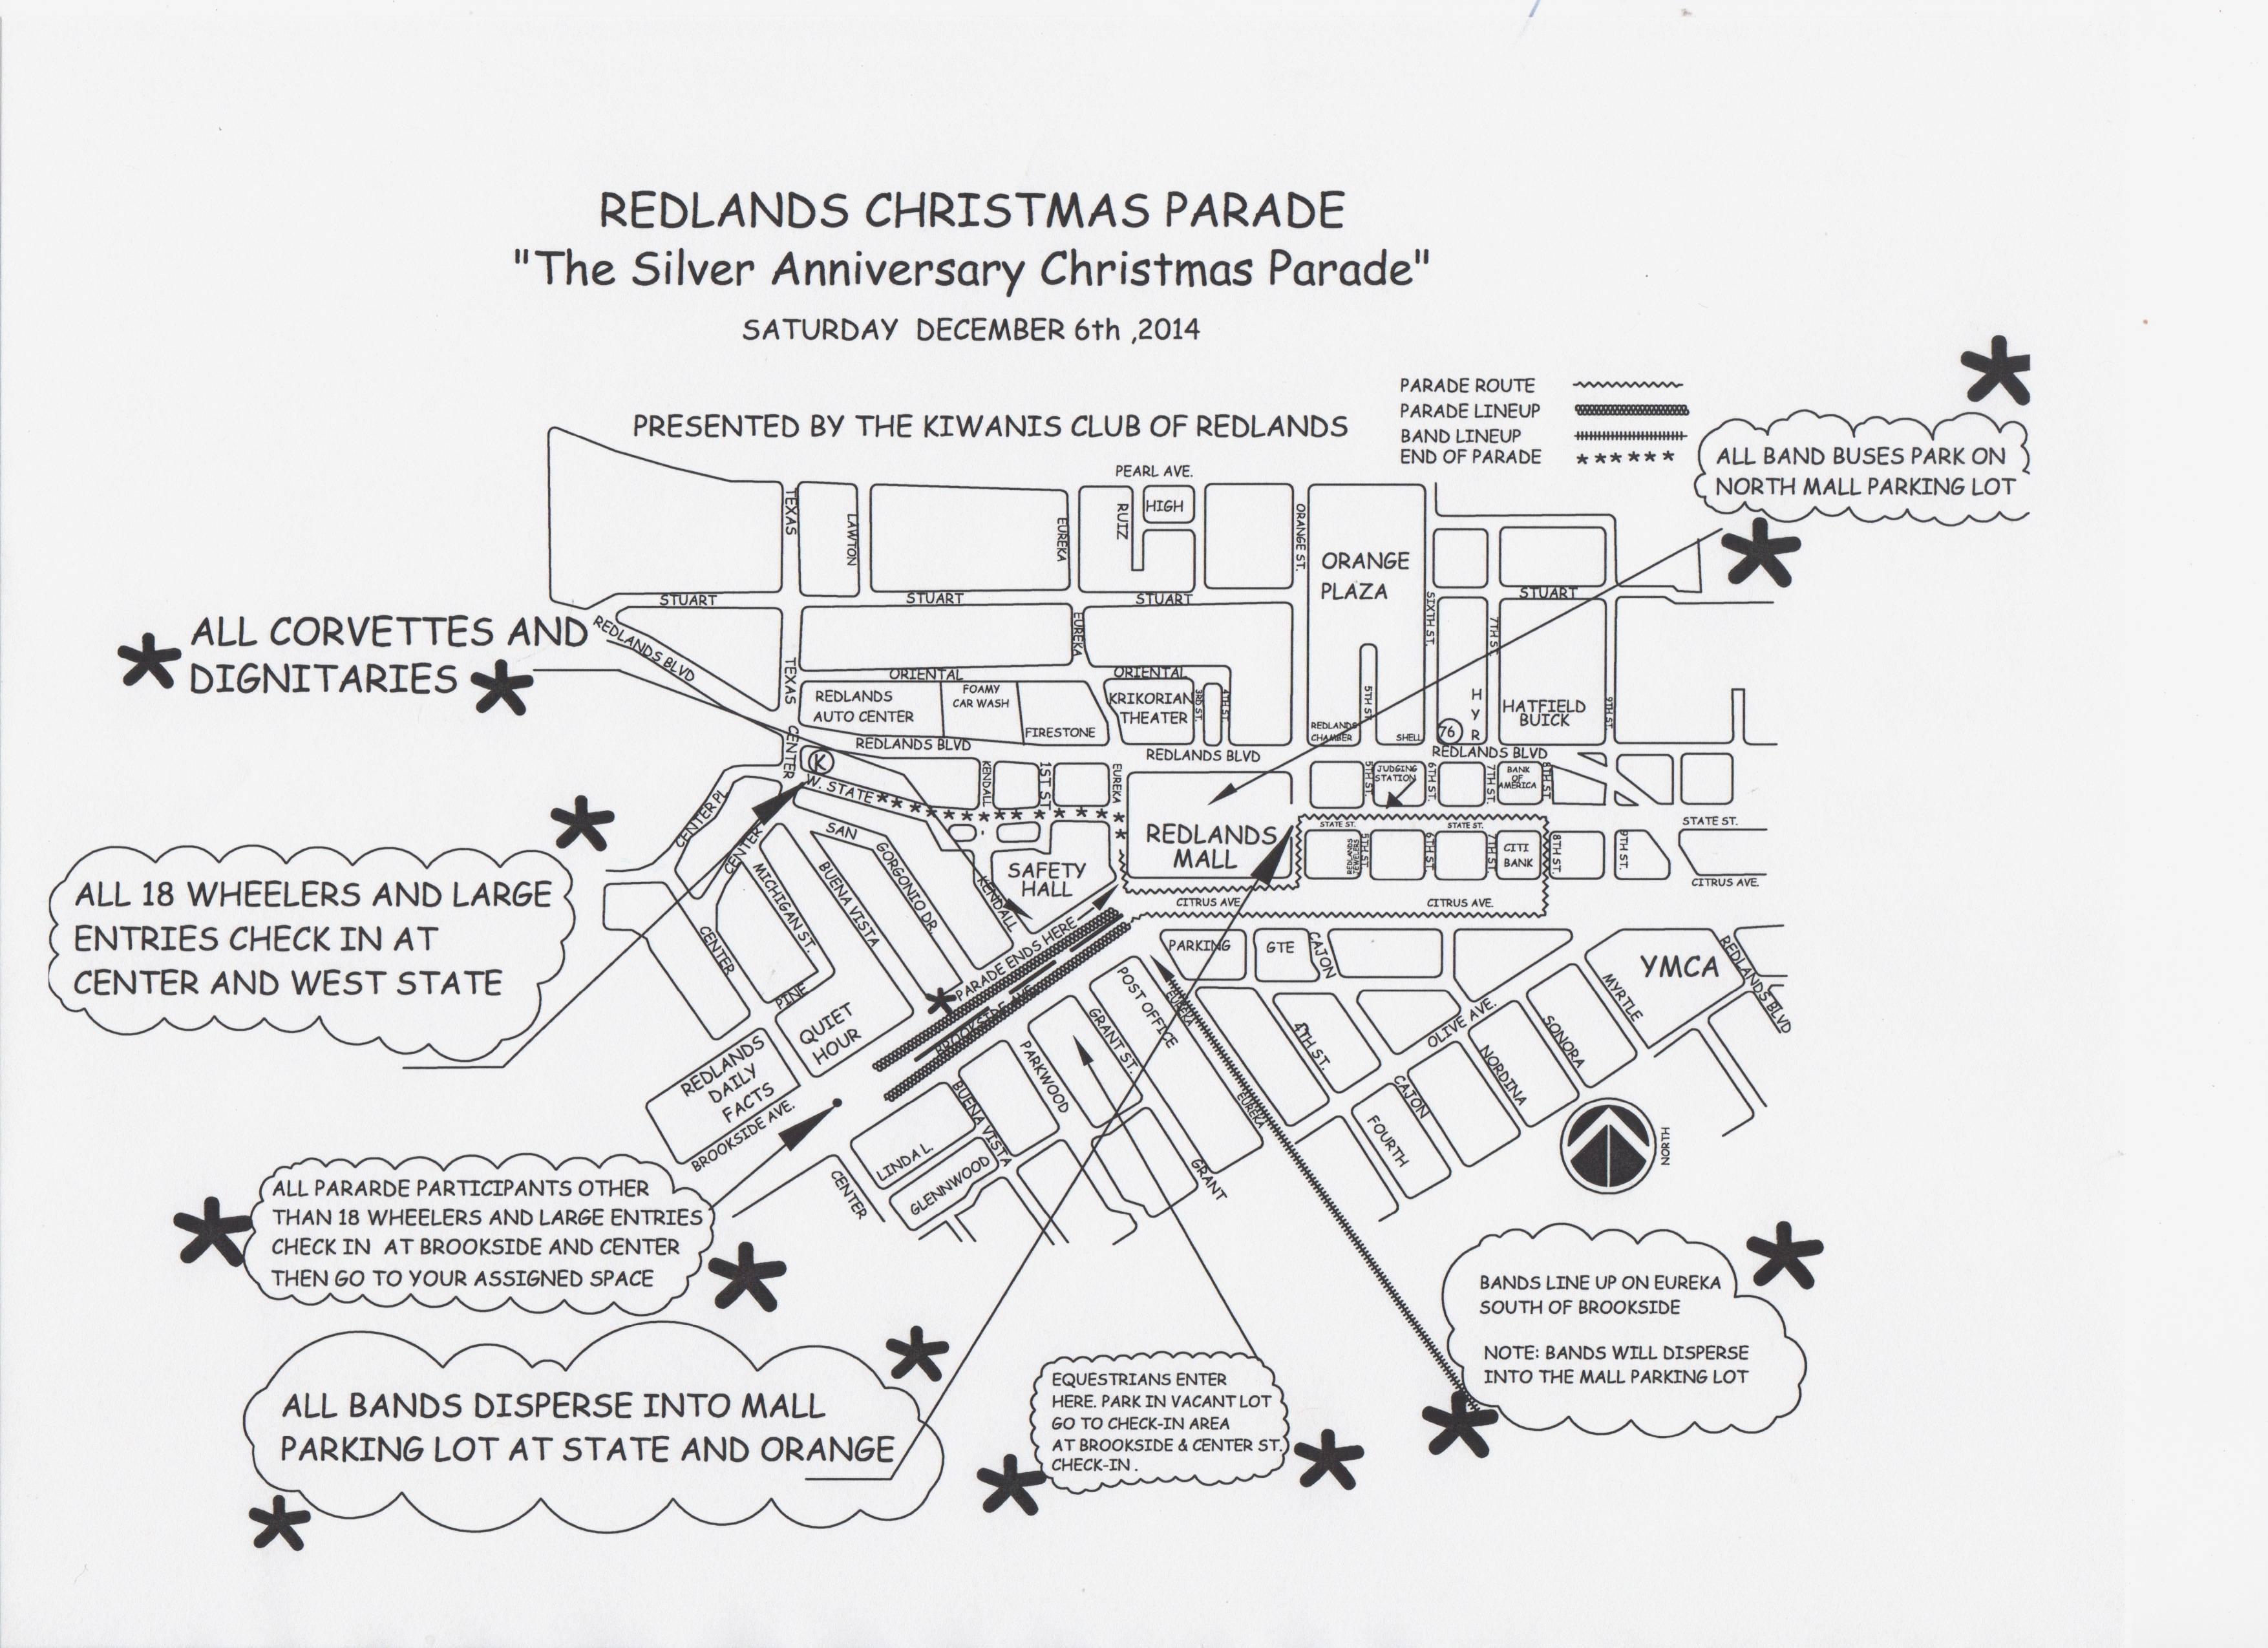 Redlands 'Silver Aniversary' Themed Christmas Parade De